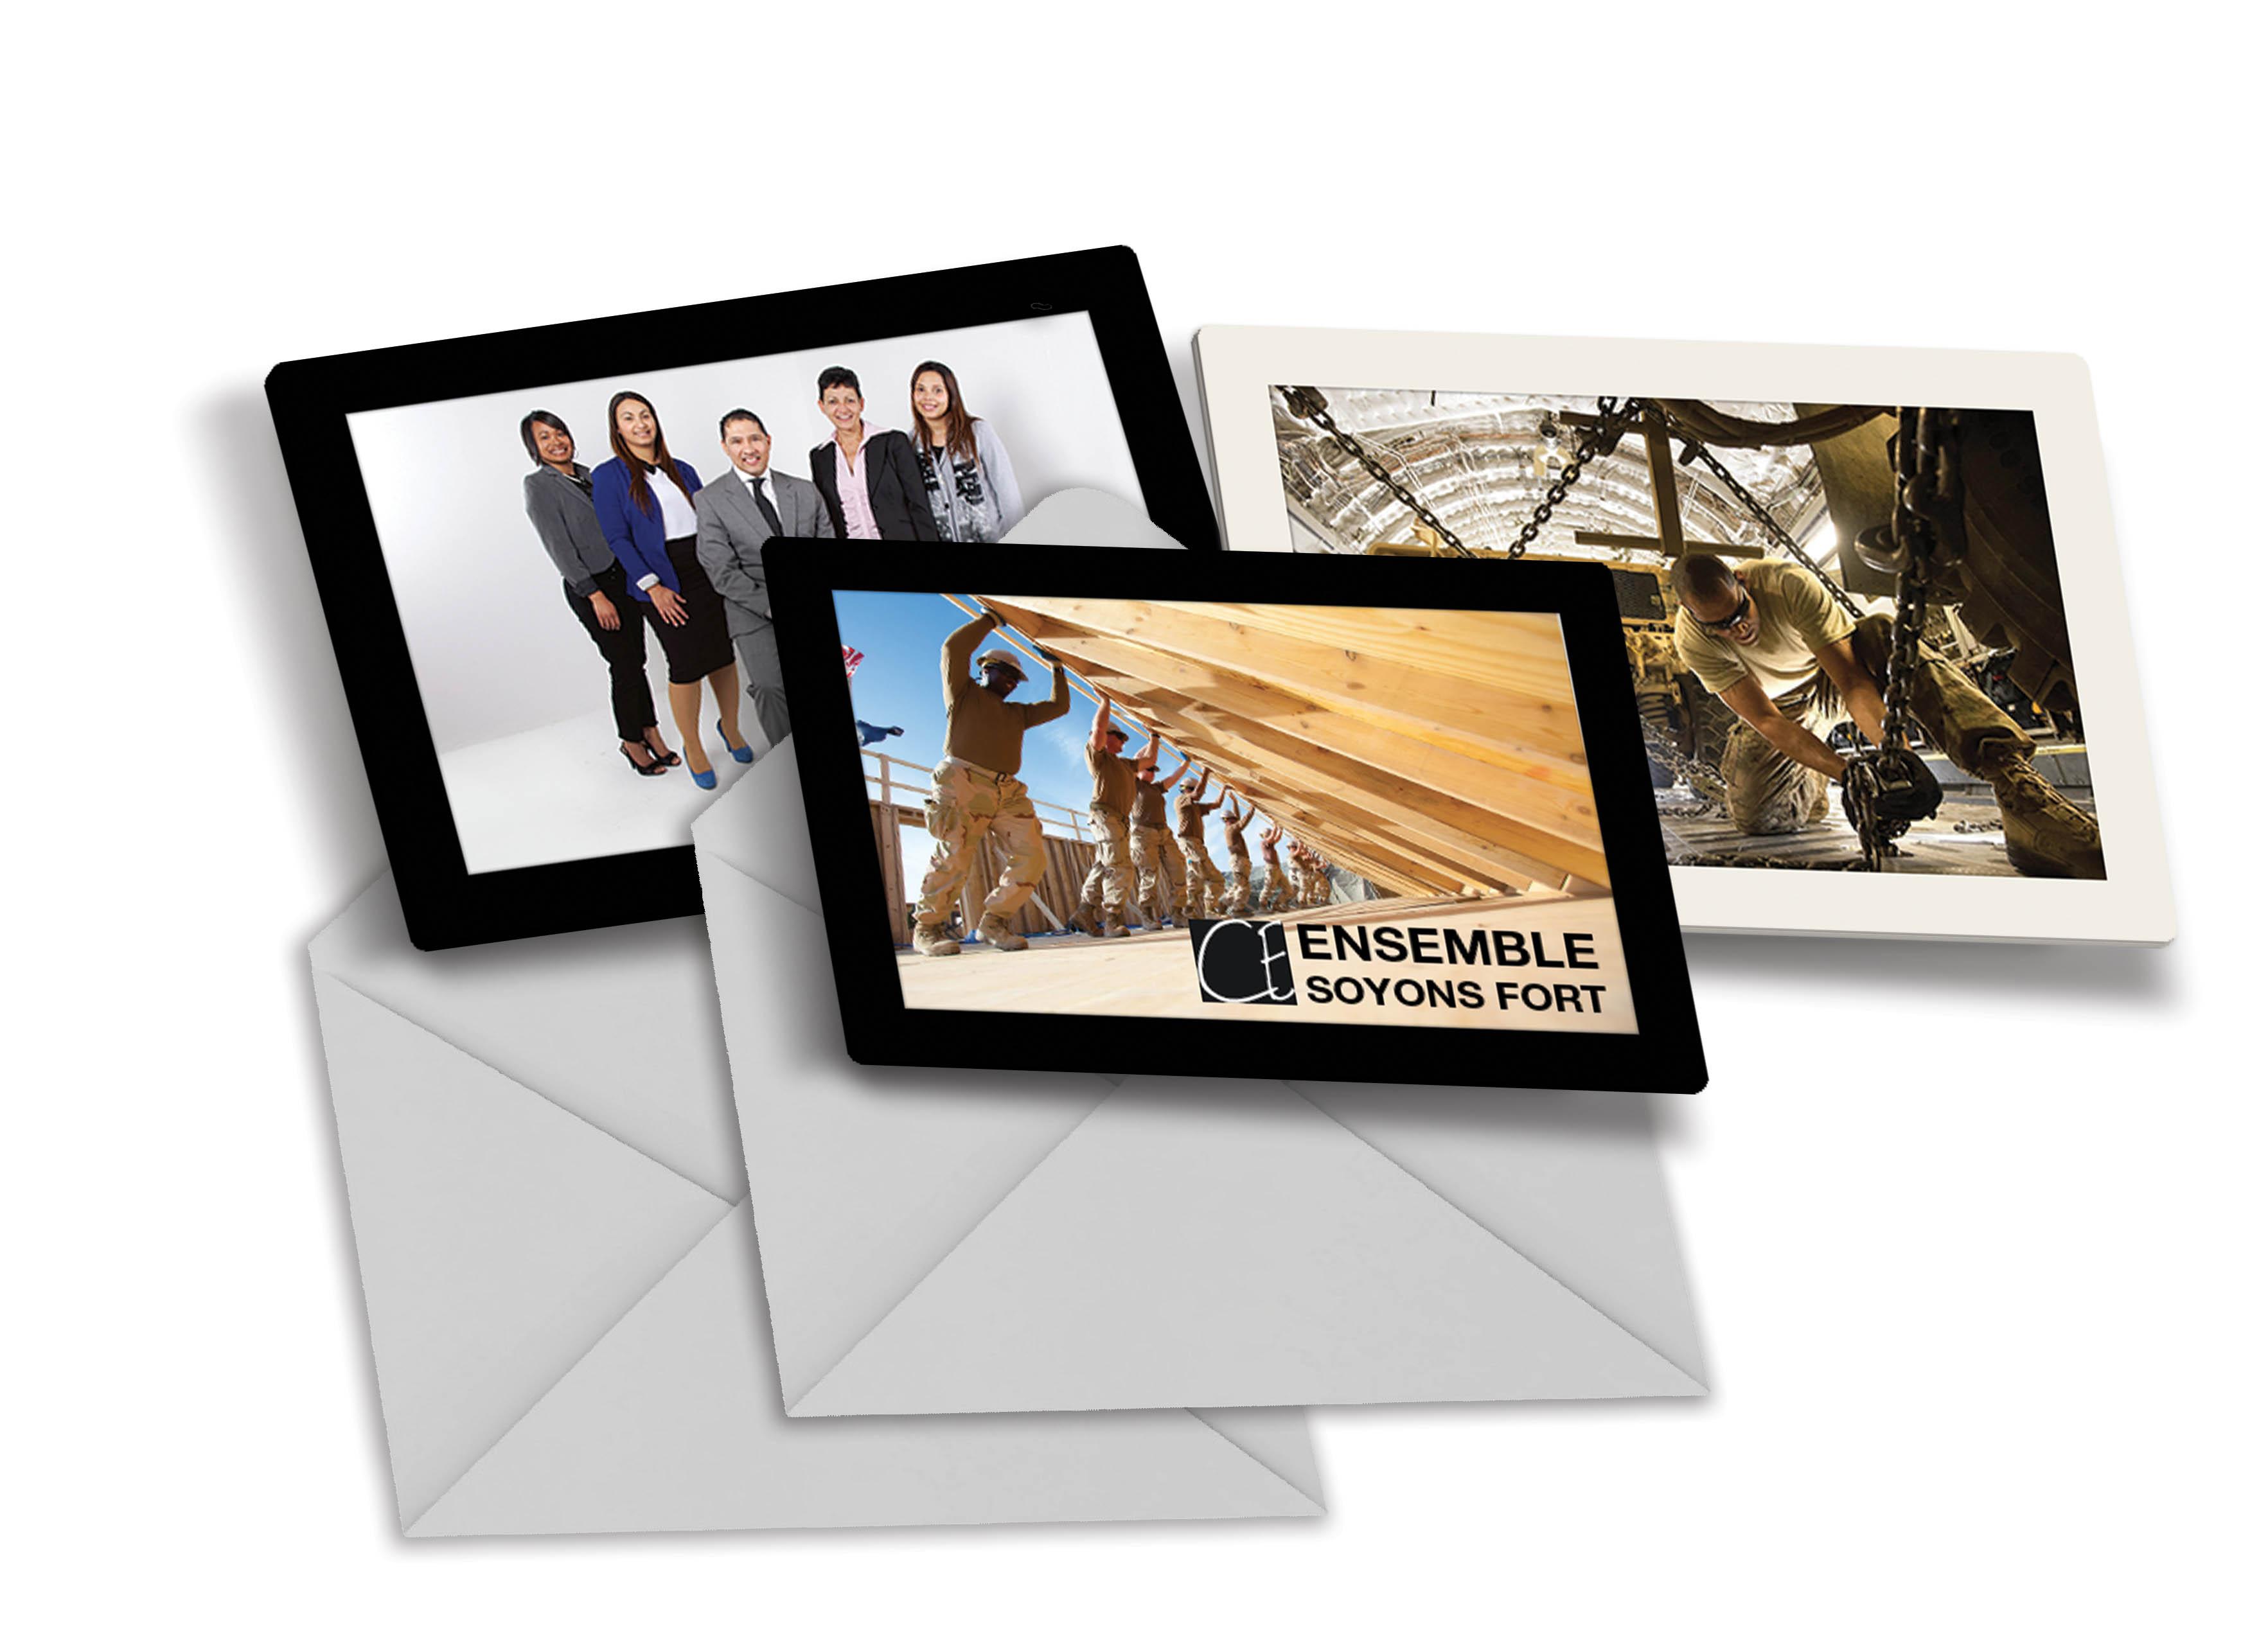 Enveloppe Slimpyx cadre photo pour les professionnels